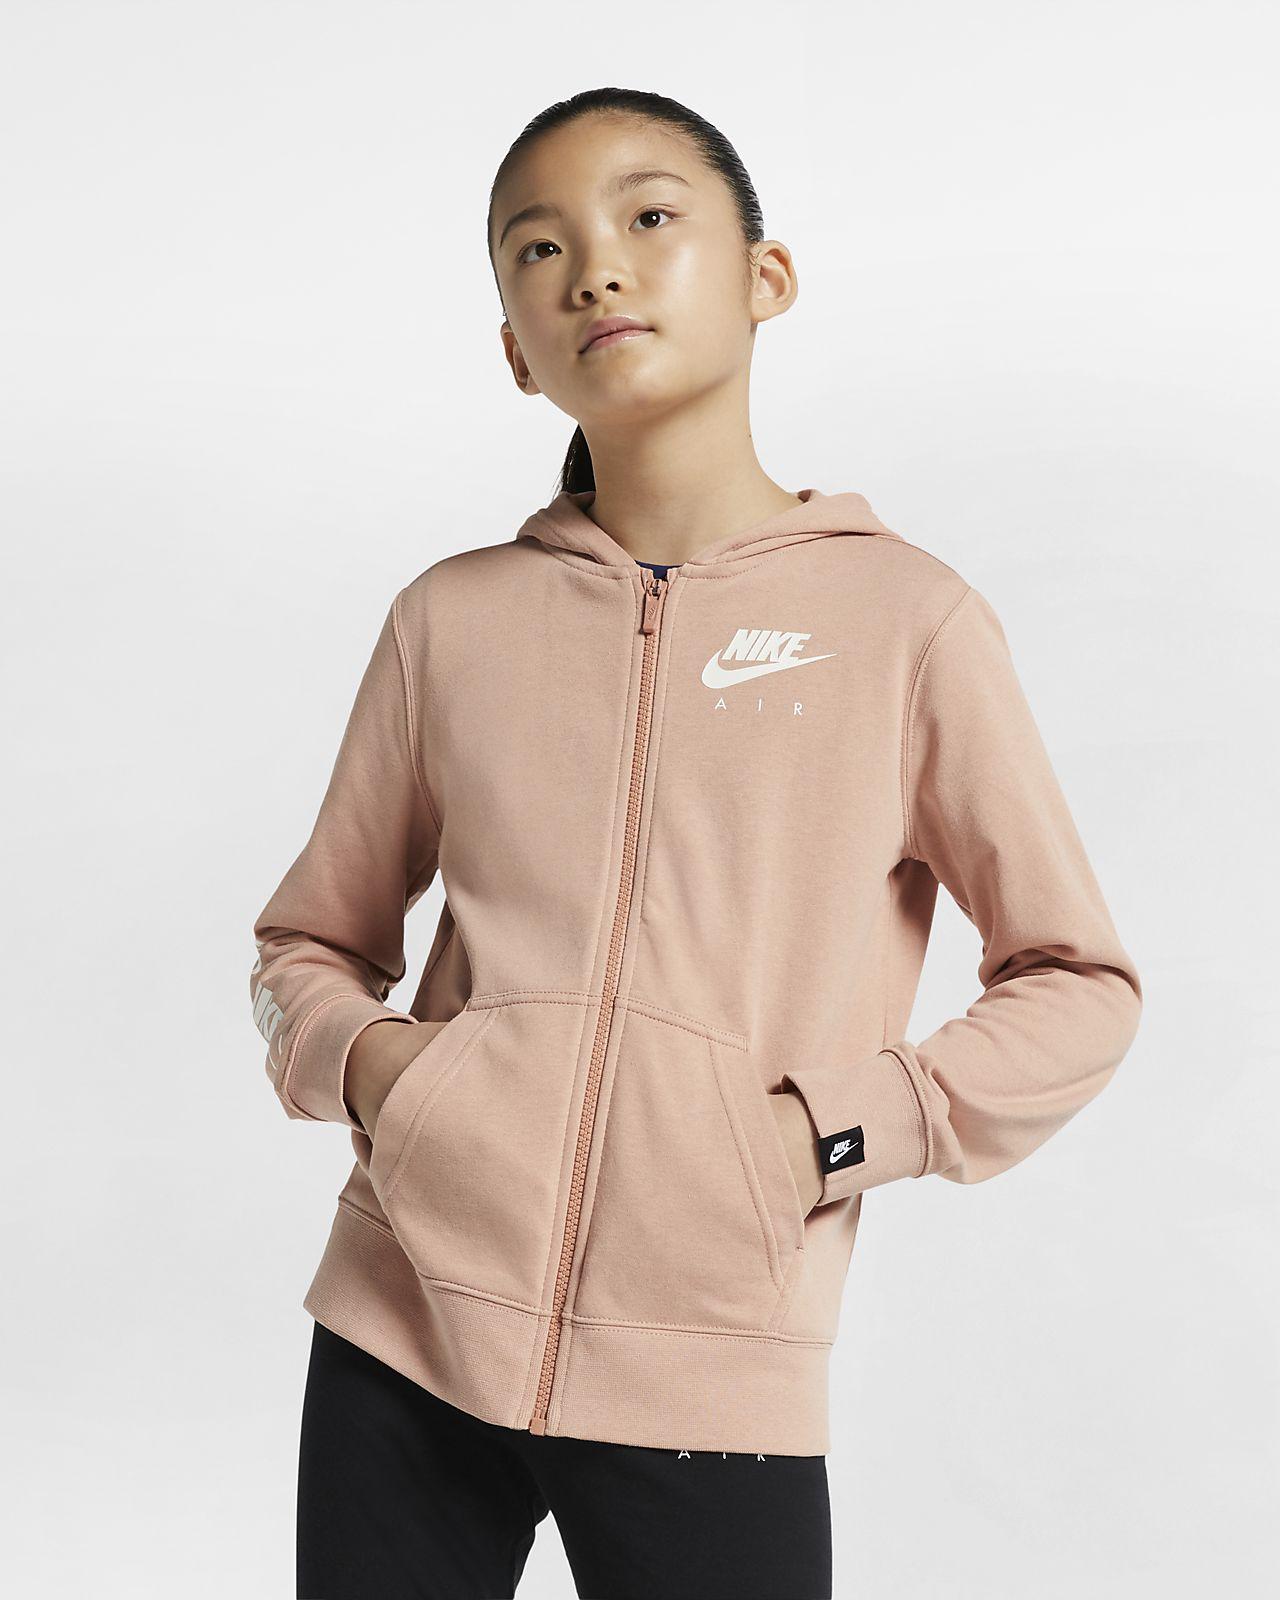 Hoodie com fecho completo Nike Air Júnior (Rapariga)